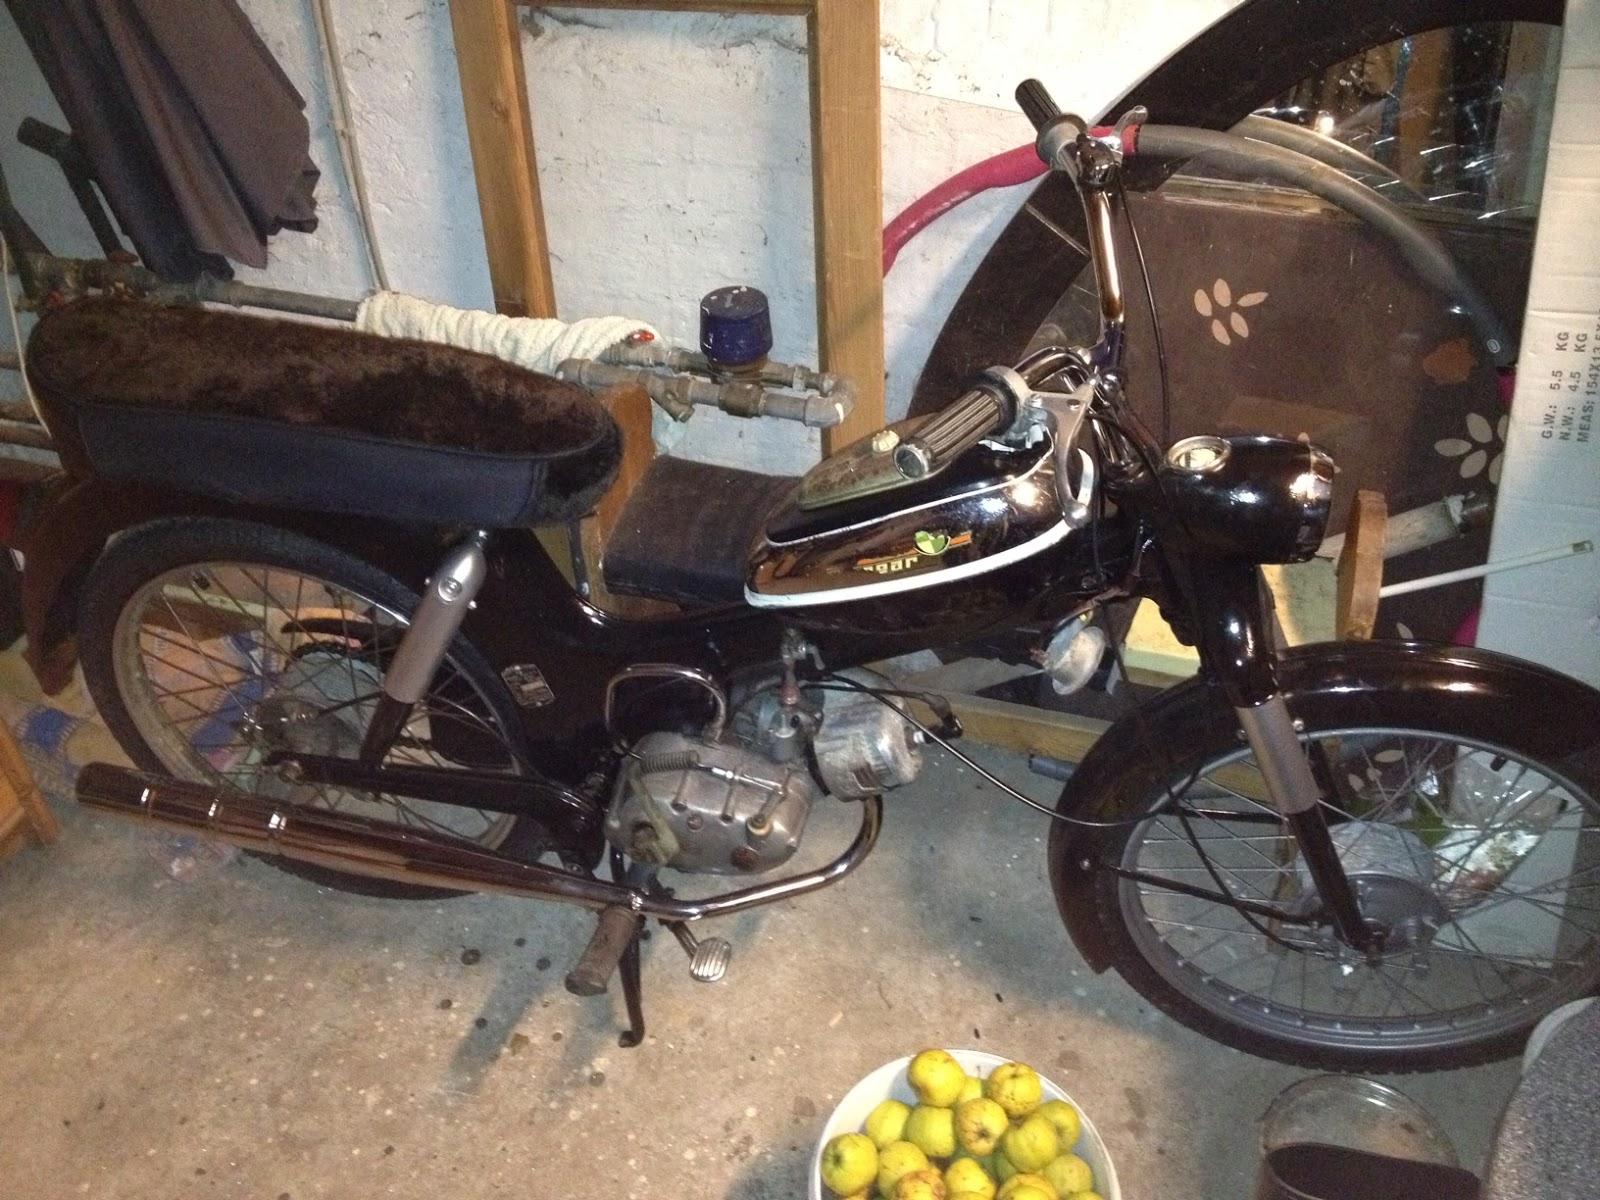 Kreidler Florett & Puch MS 50: Puch MS50 3 gear